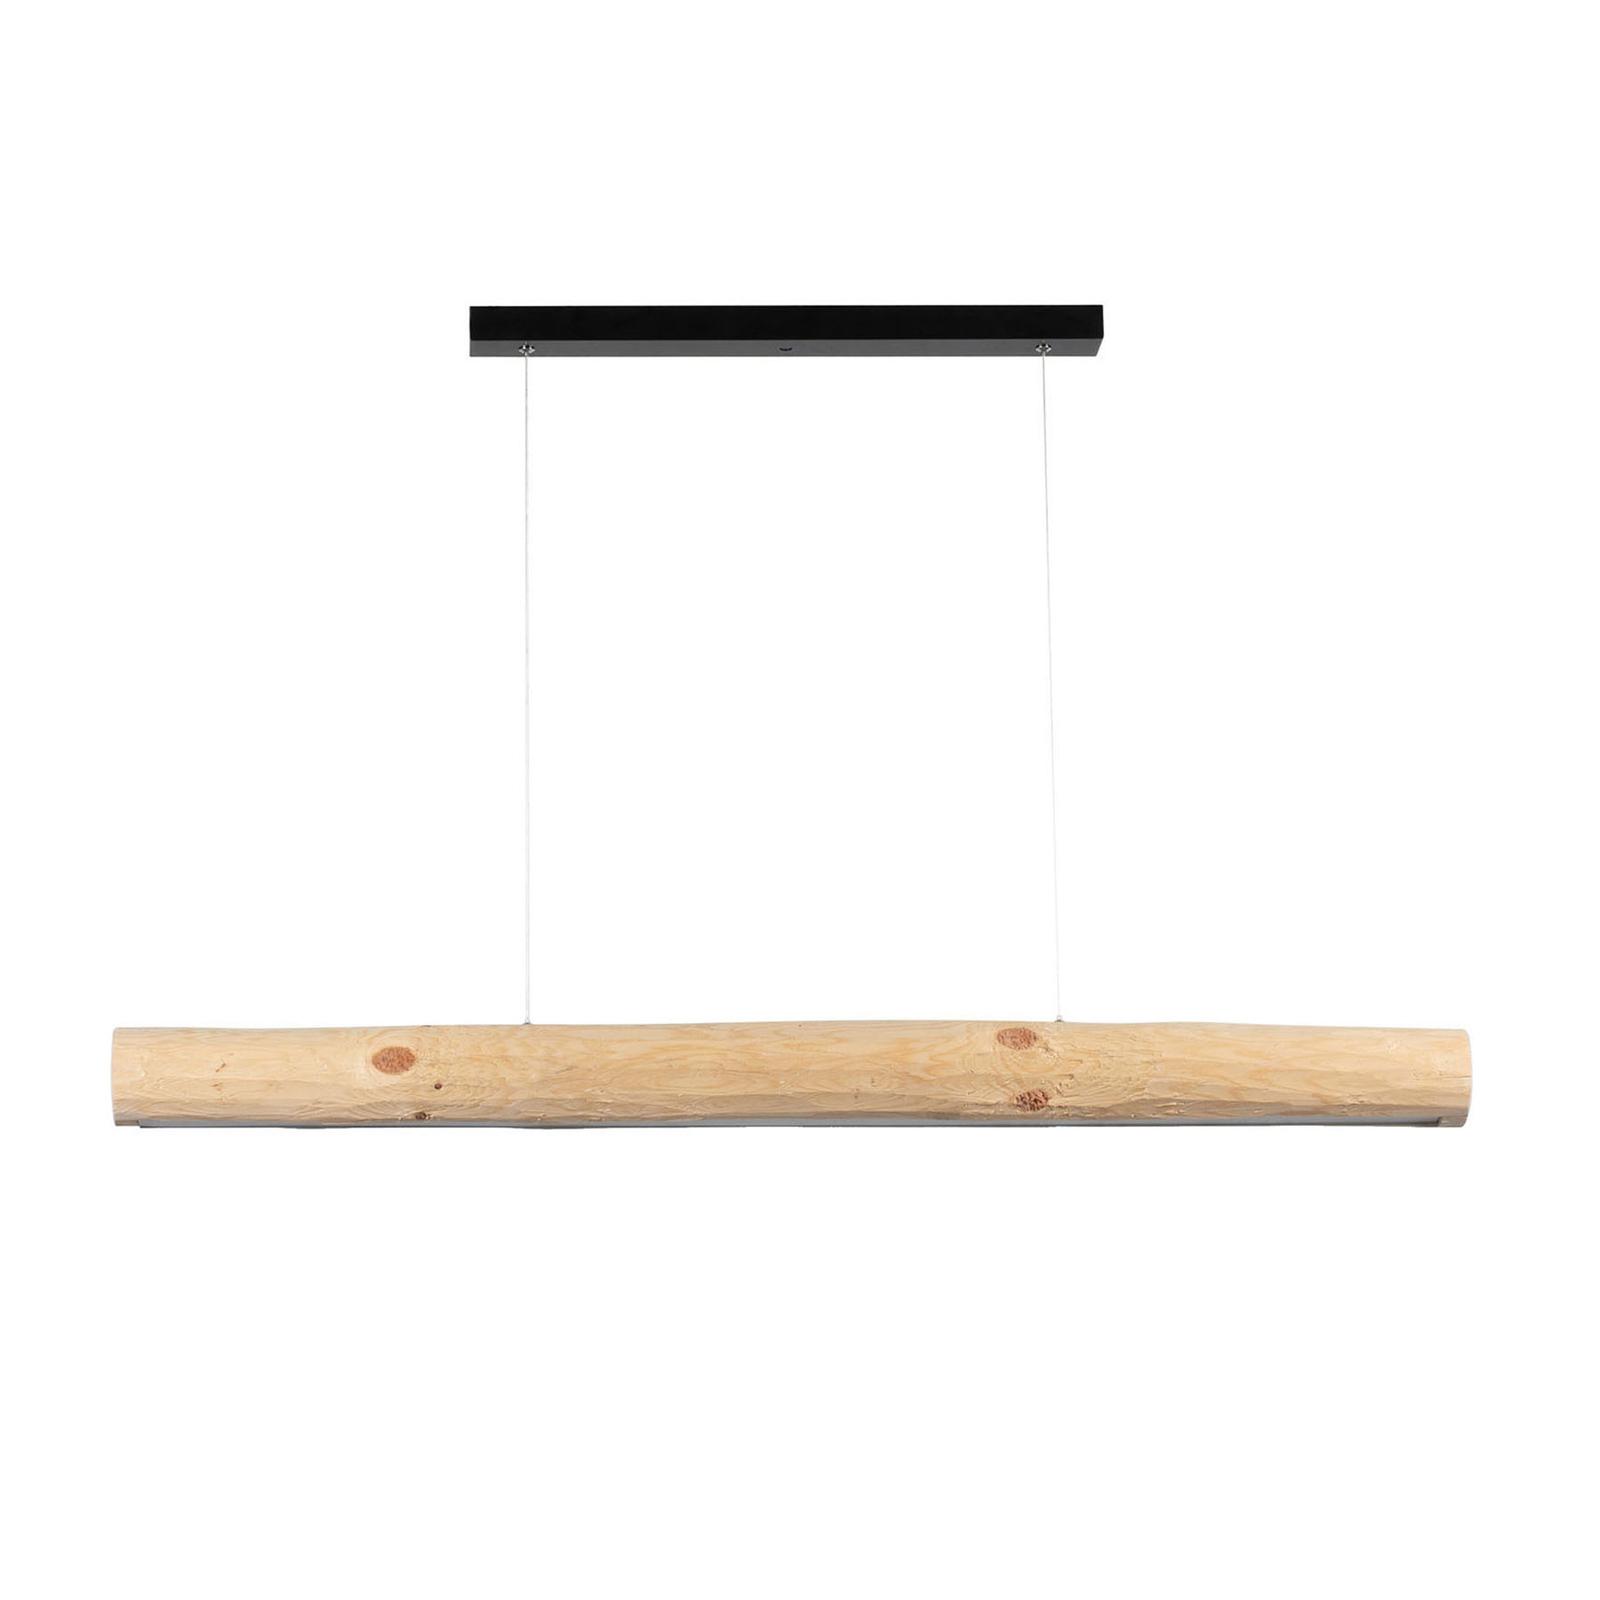 Hängeleuchte Lucas, Kiefernholz natur, 115cm lang